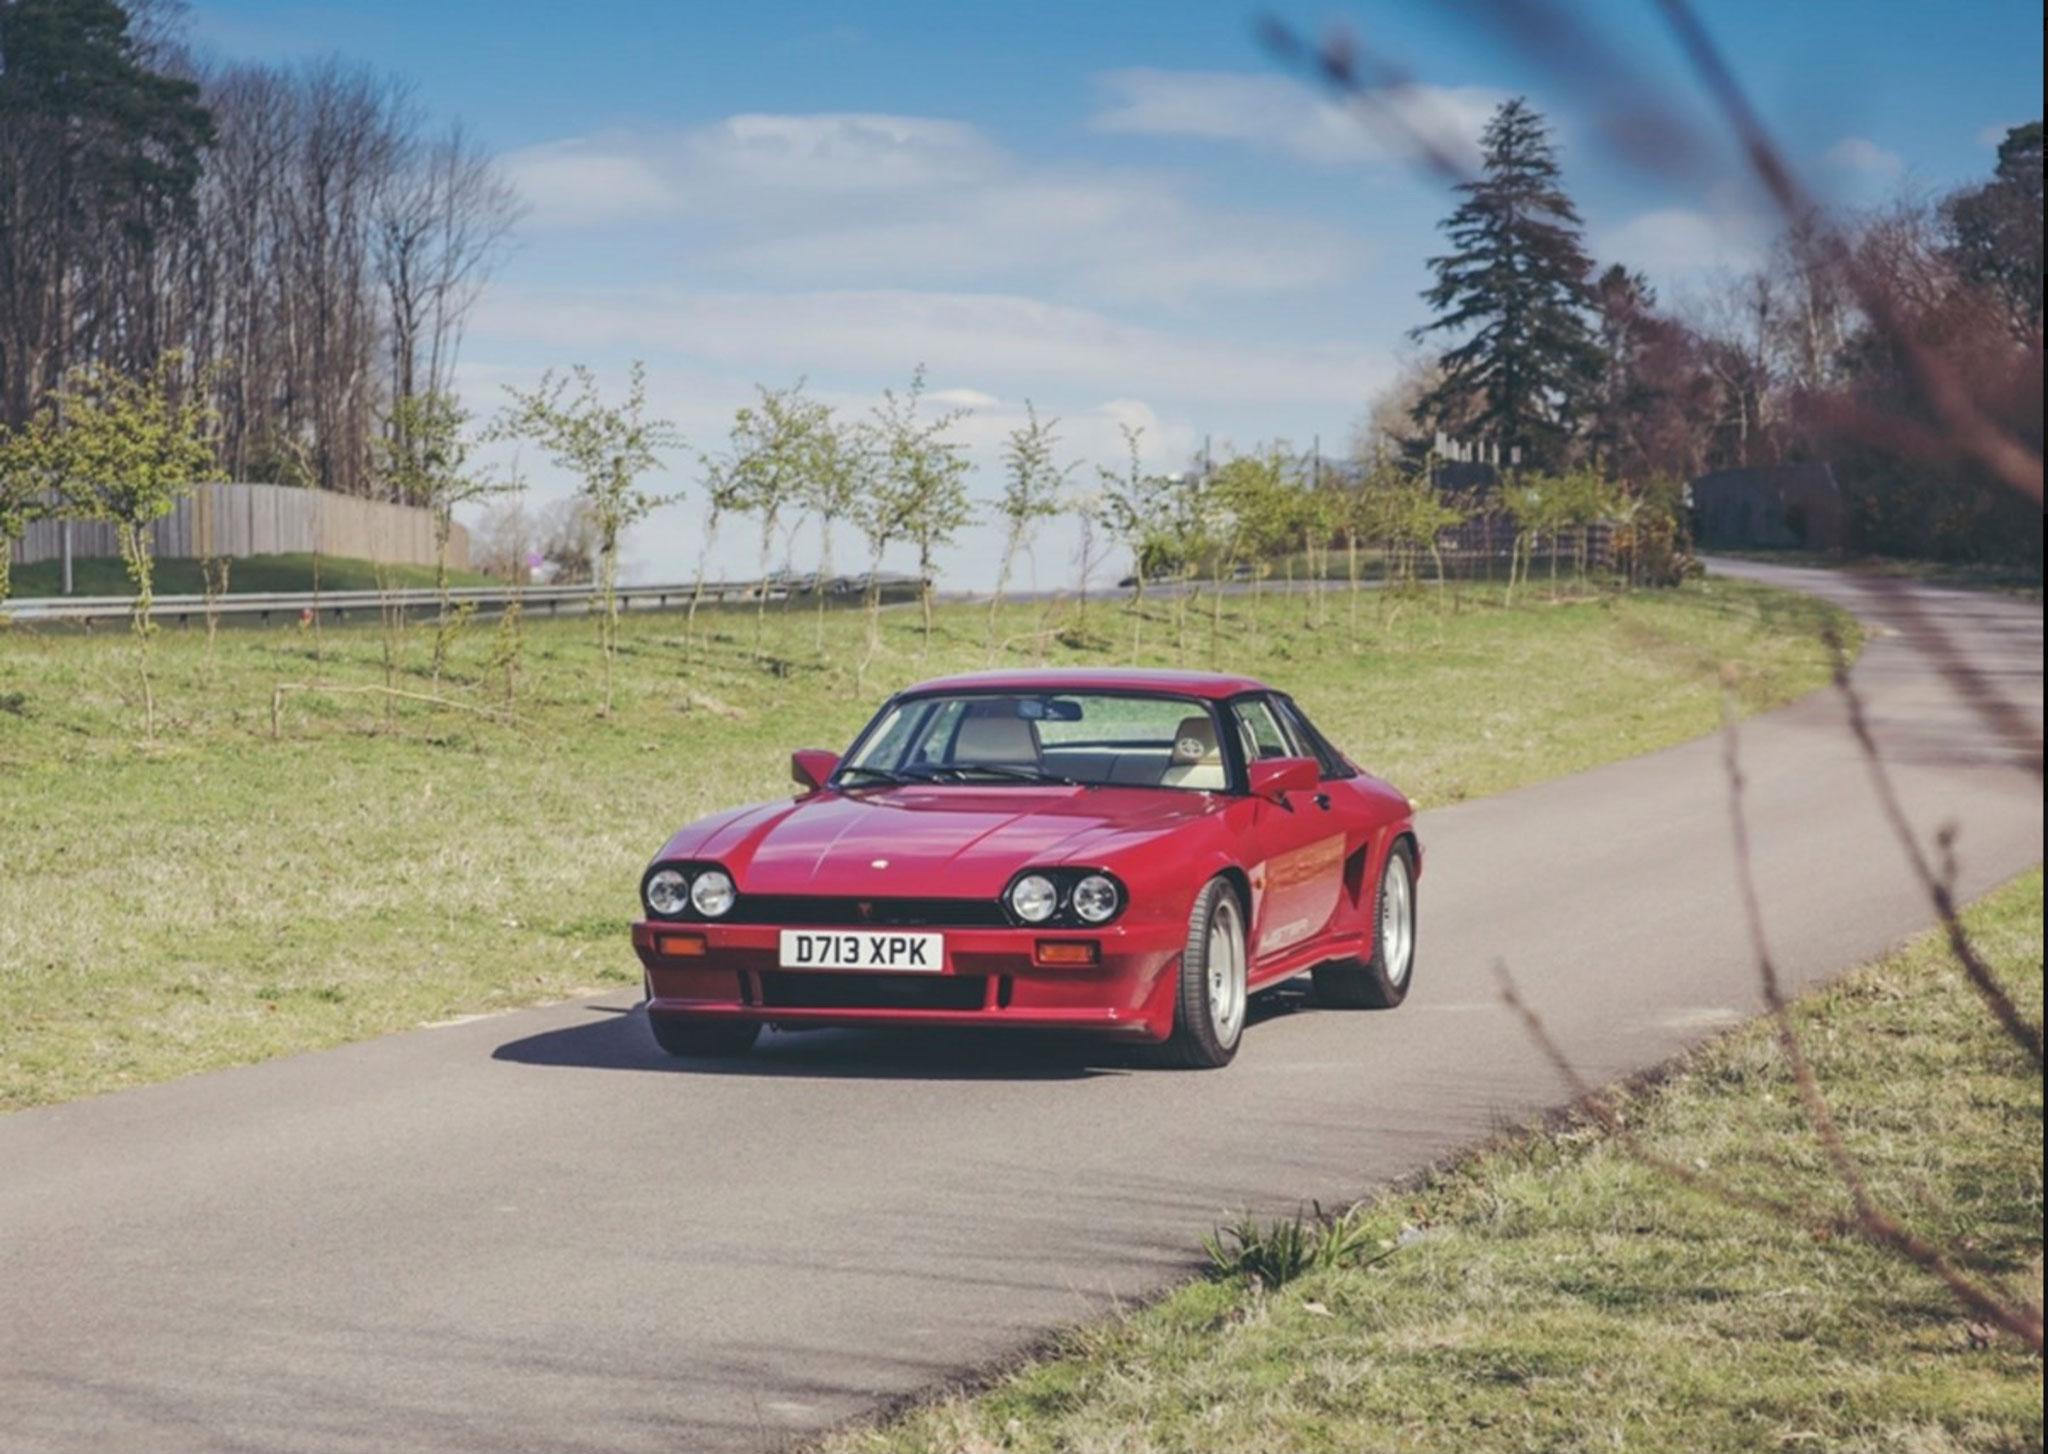 1986 Lister-Jaguar XJ-S 7.0-Litre la carrosserie renforcée de couleur Regency Red.